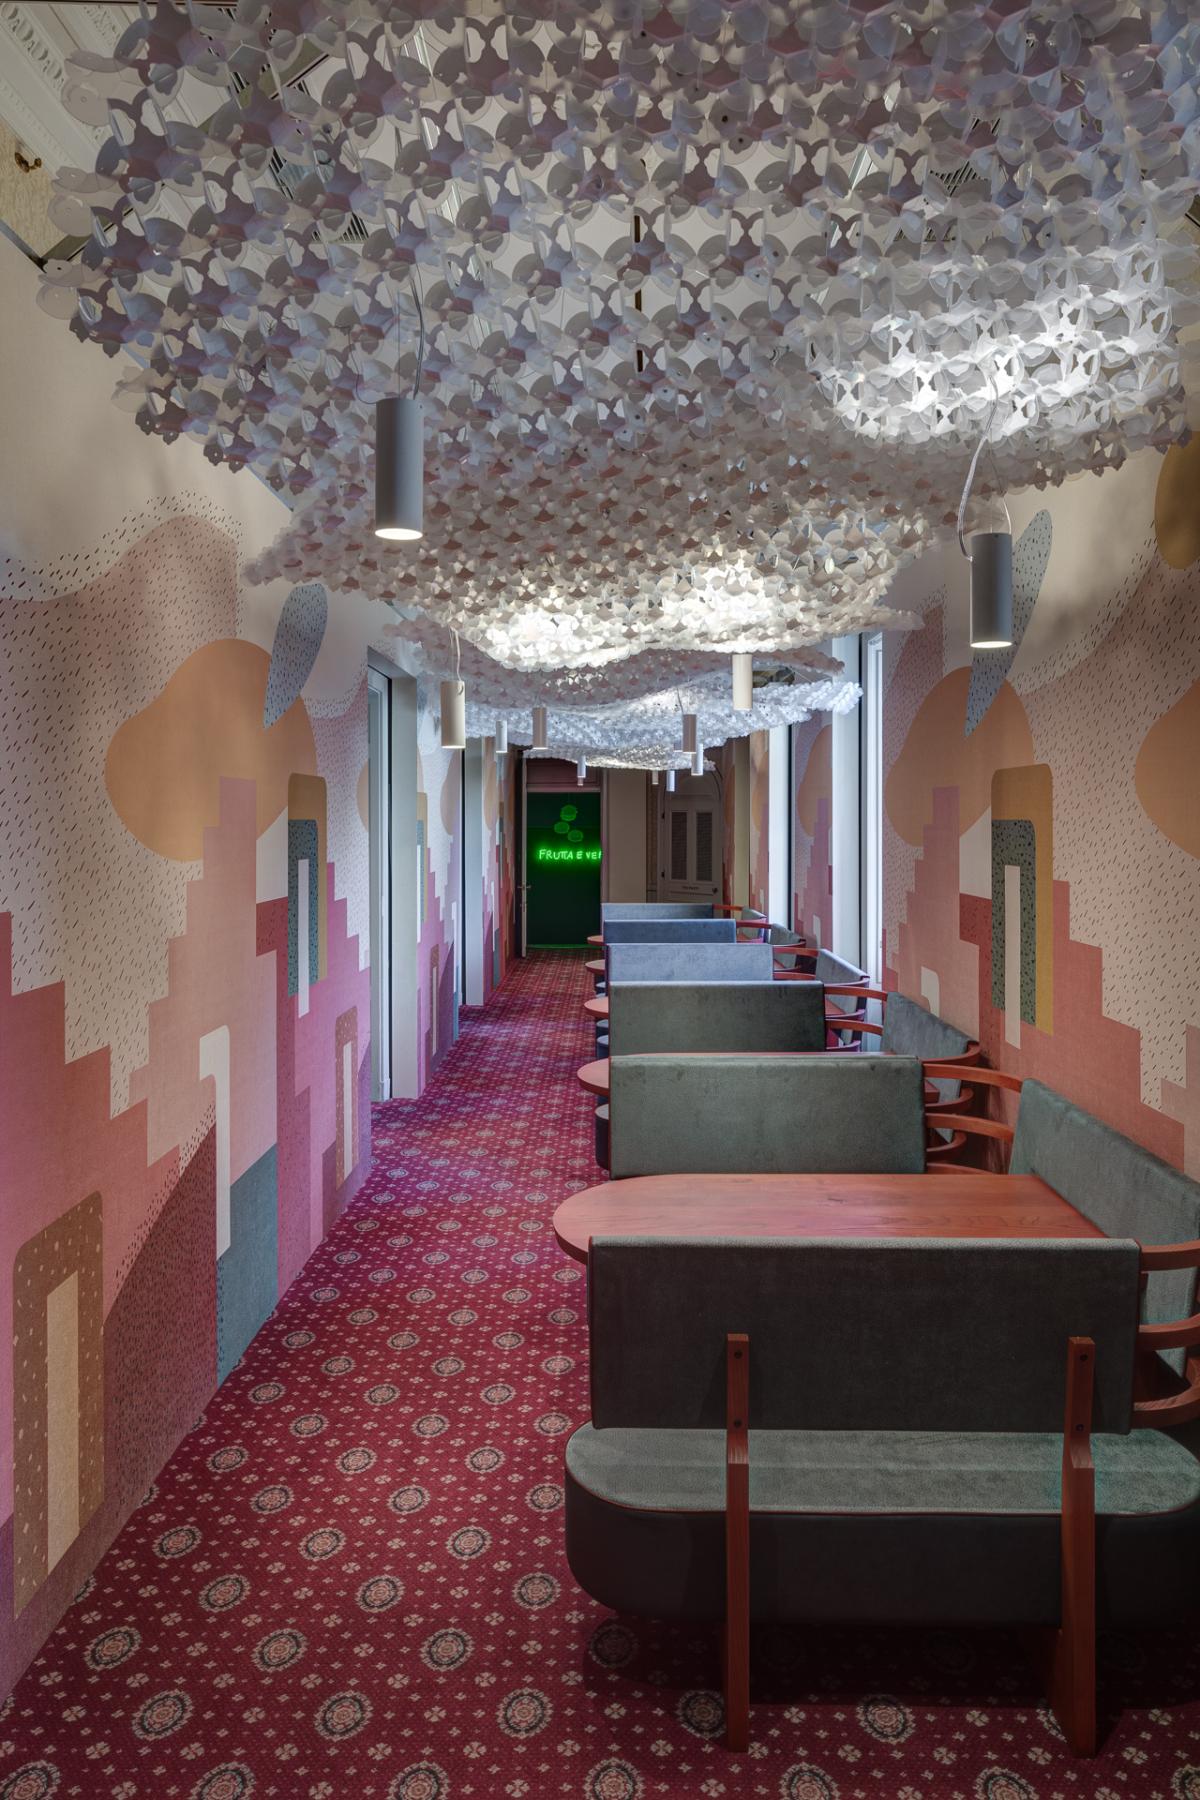 14 - Corridoio ristorante 1